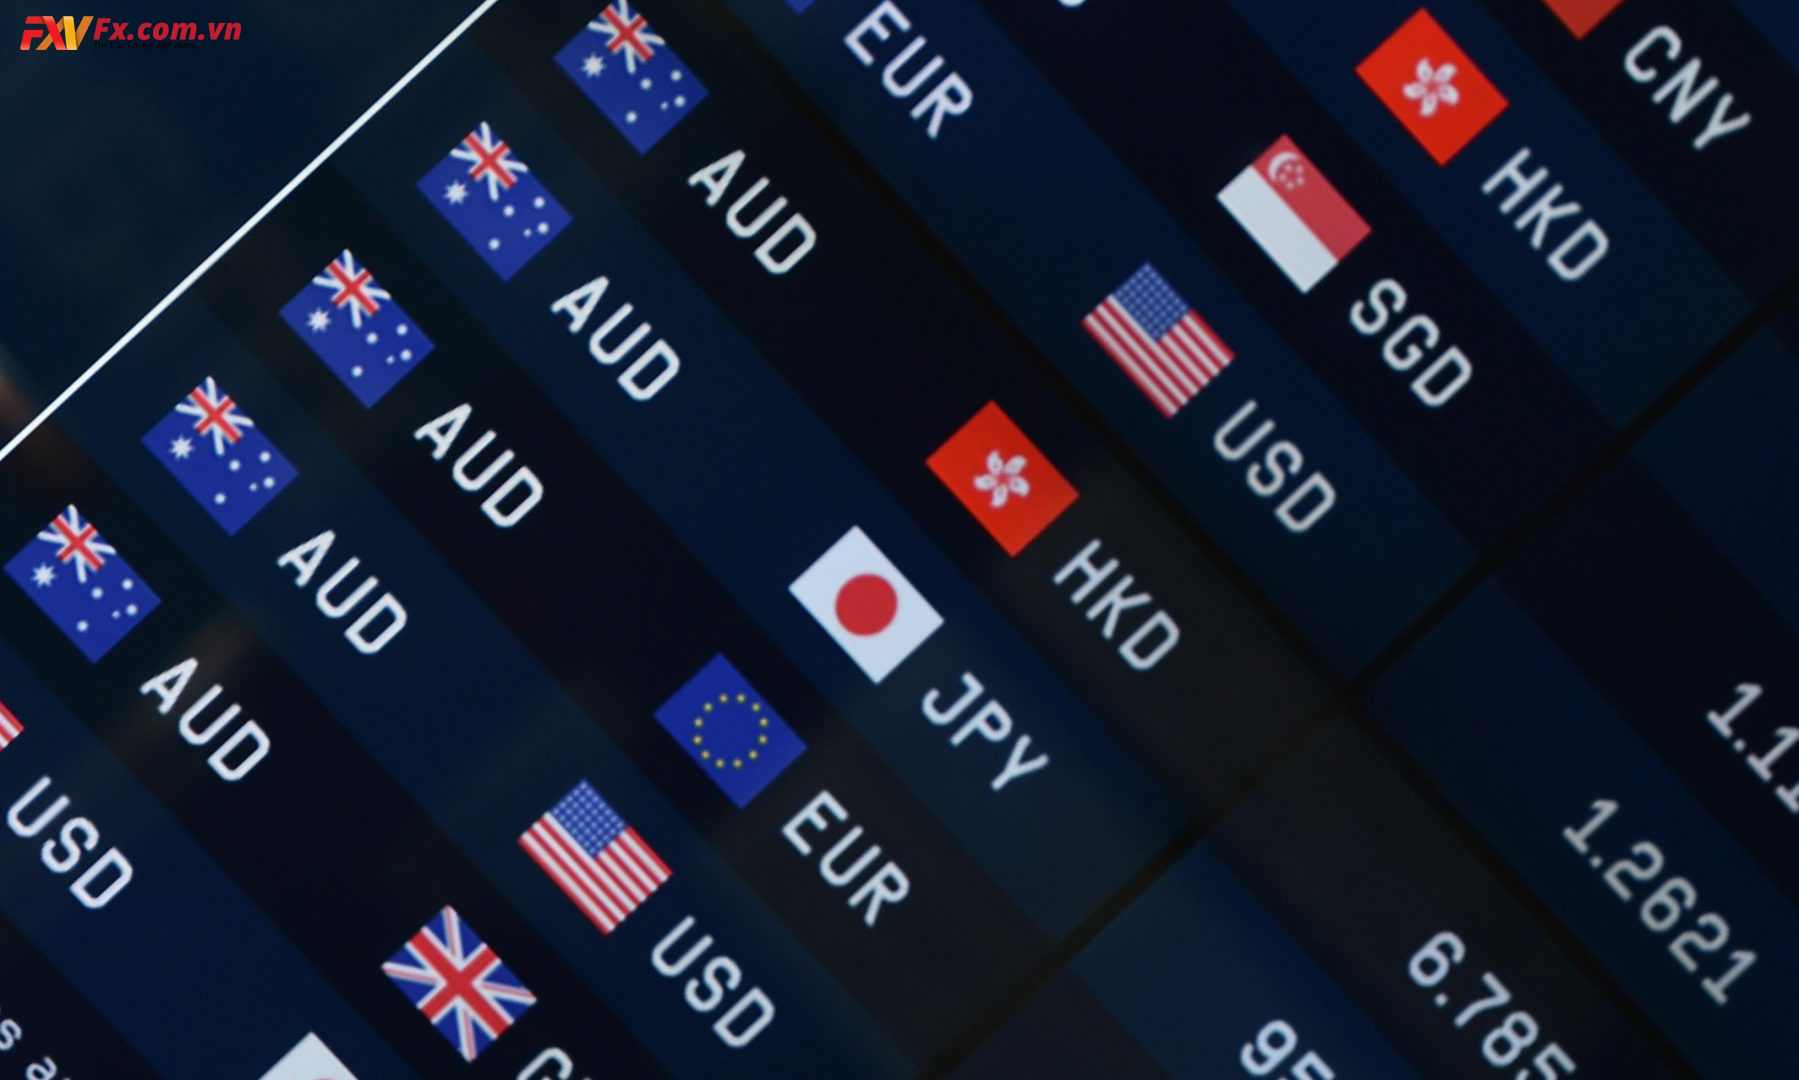 Các cặp tiền chính trong forex là gì?